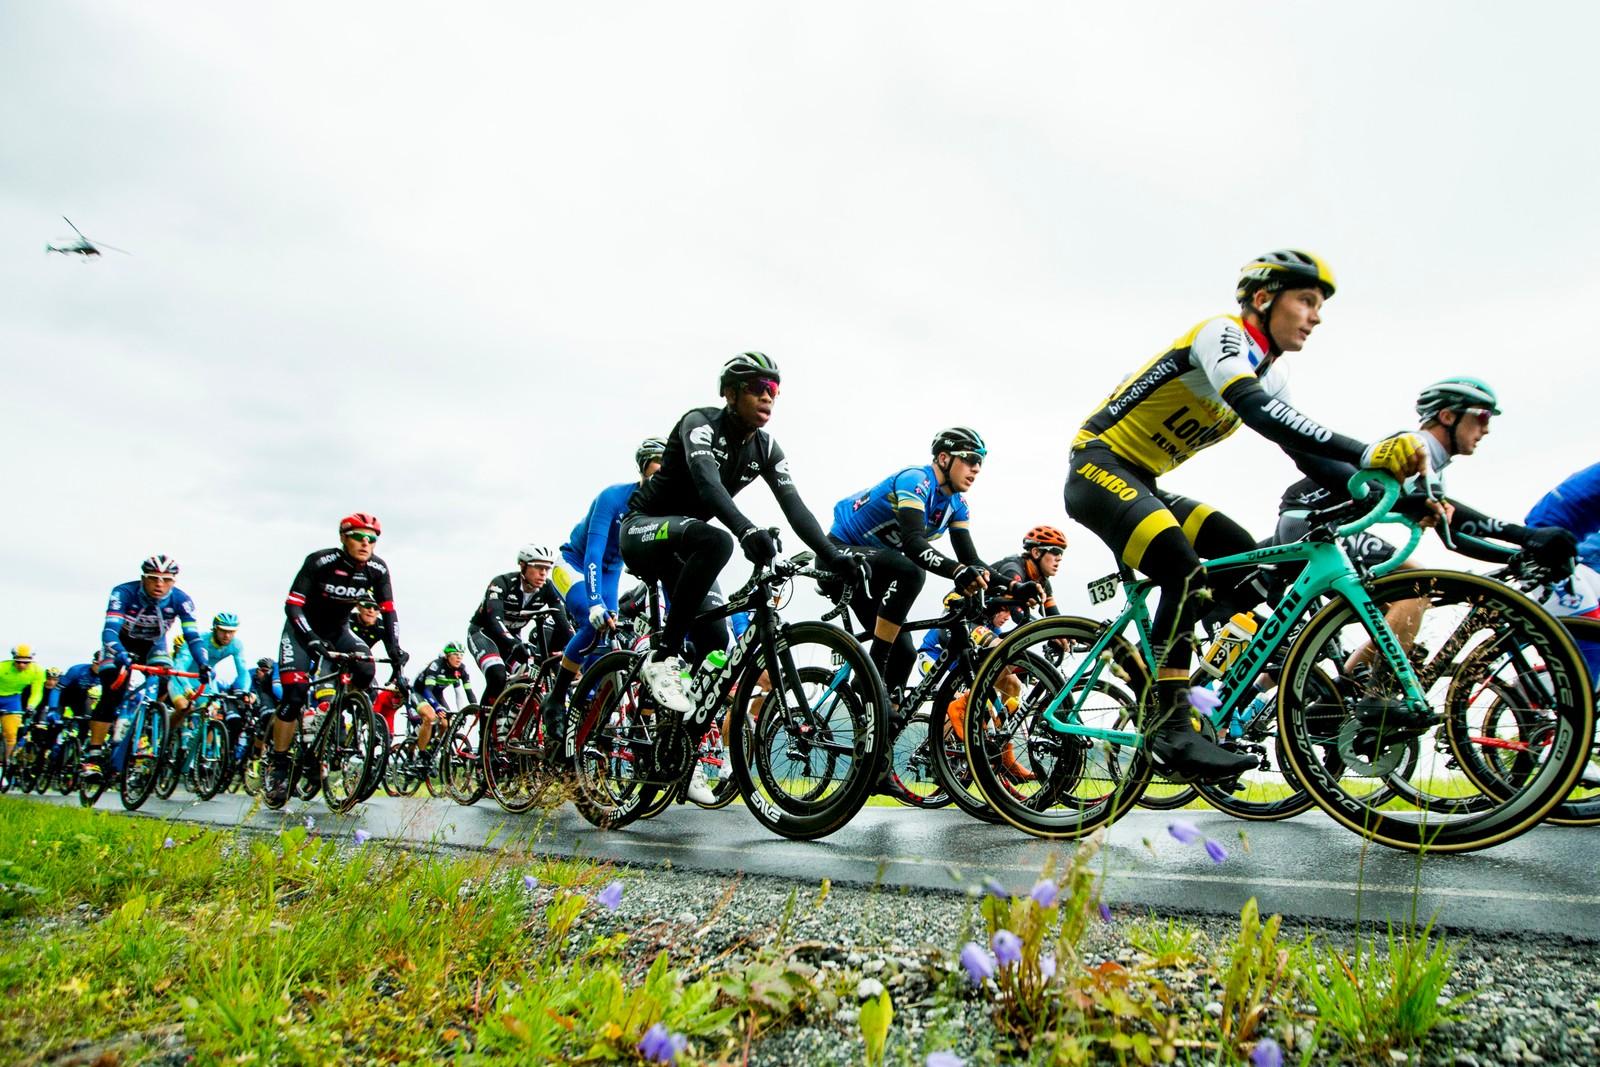 Songezo Jim fra Sør-Afrika (Team Dimension Data) under tredje etappe i sykkelrittet Arctic Race of Norway lørdag. Etappen gikk fra Nesna til Korgfjellet.